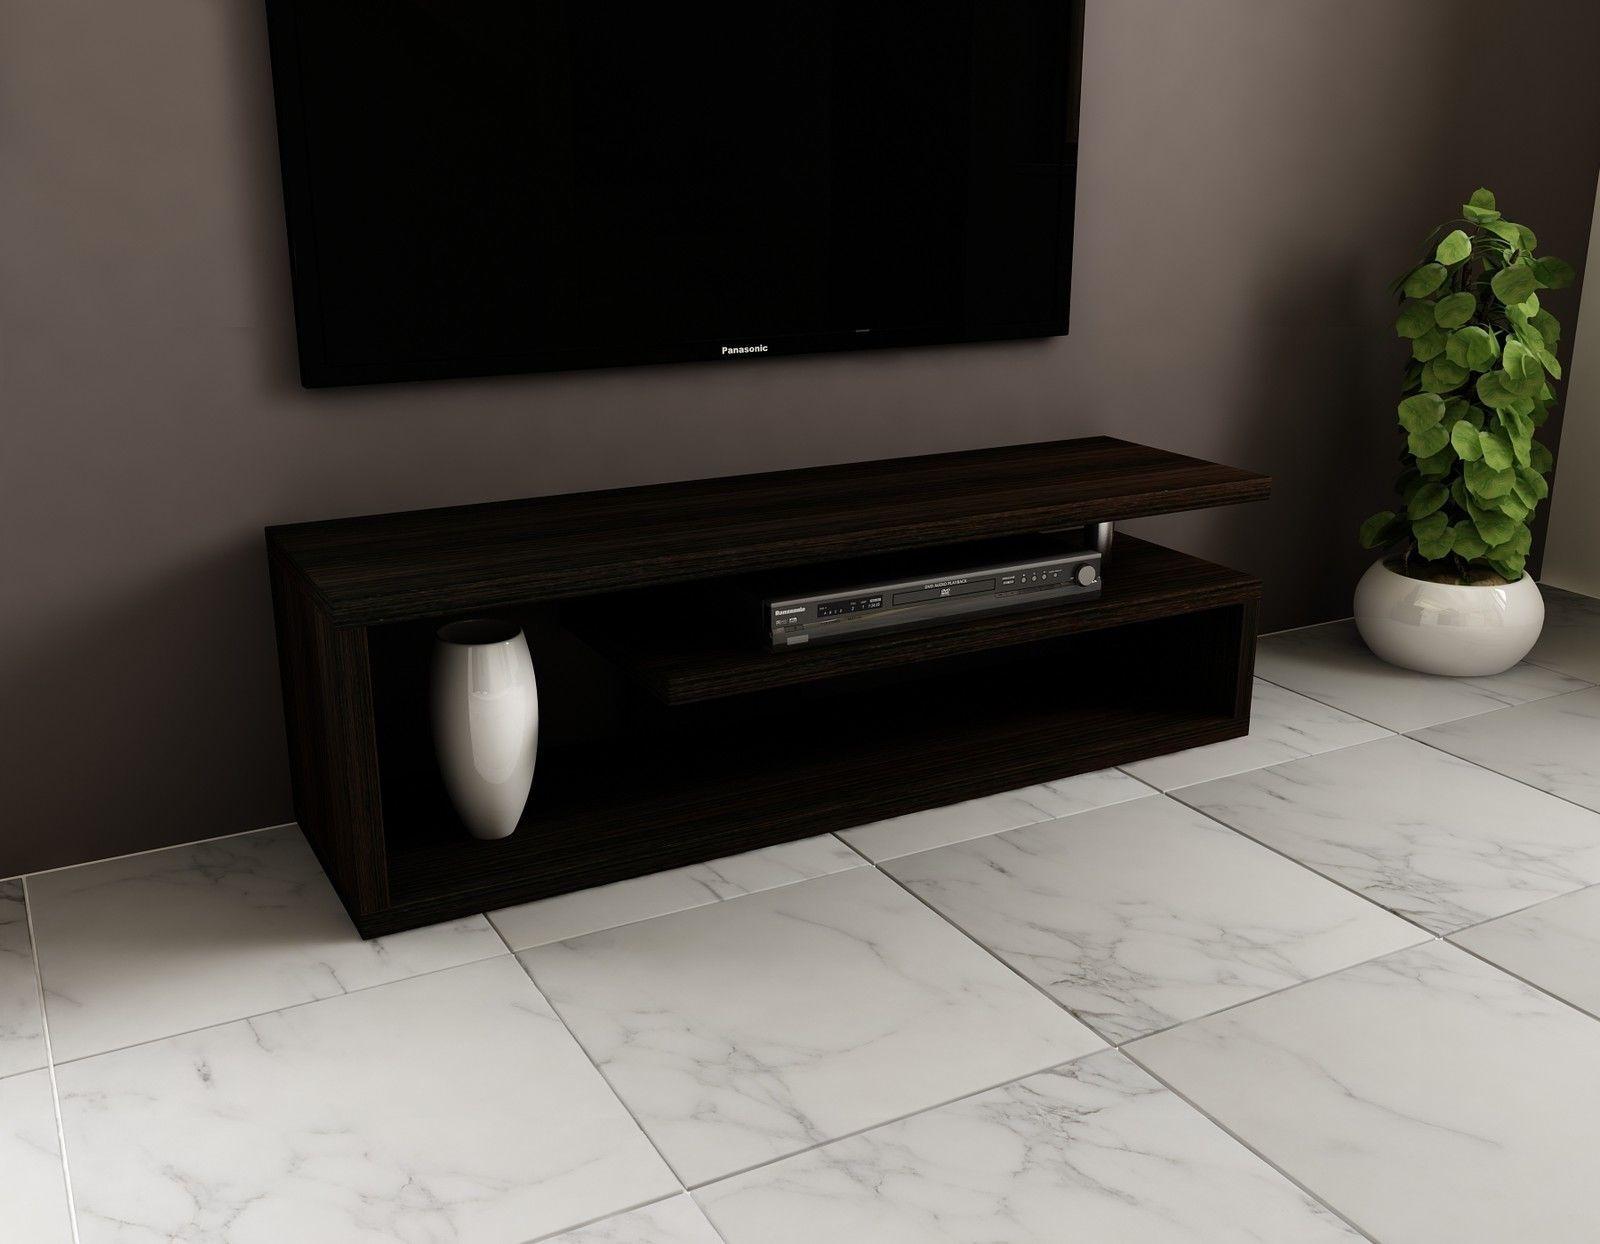 Design Tv Mbel Lowboard Good Simple Good Led Beleuchtung Design Tvs Flat Screen